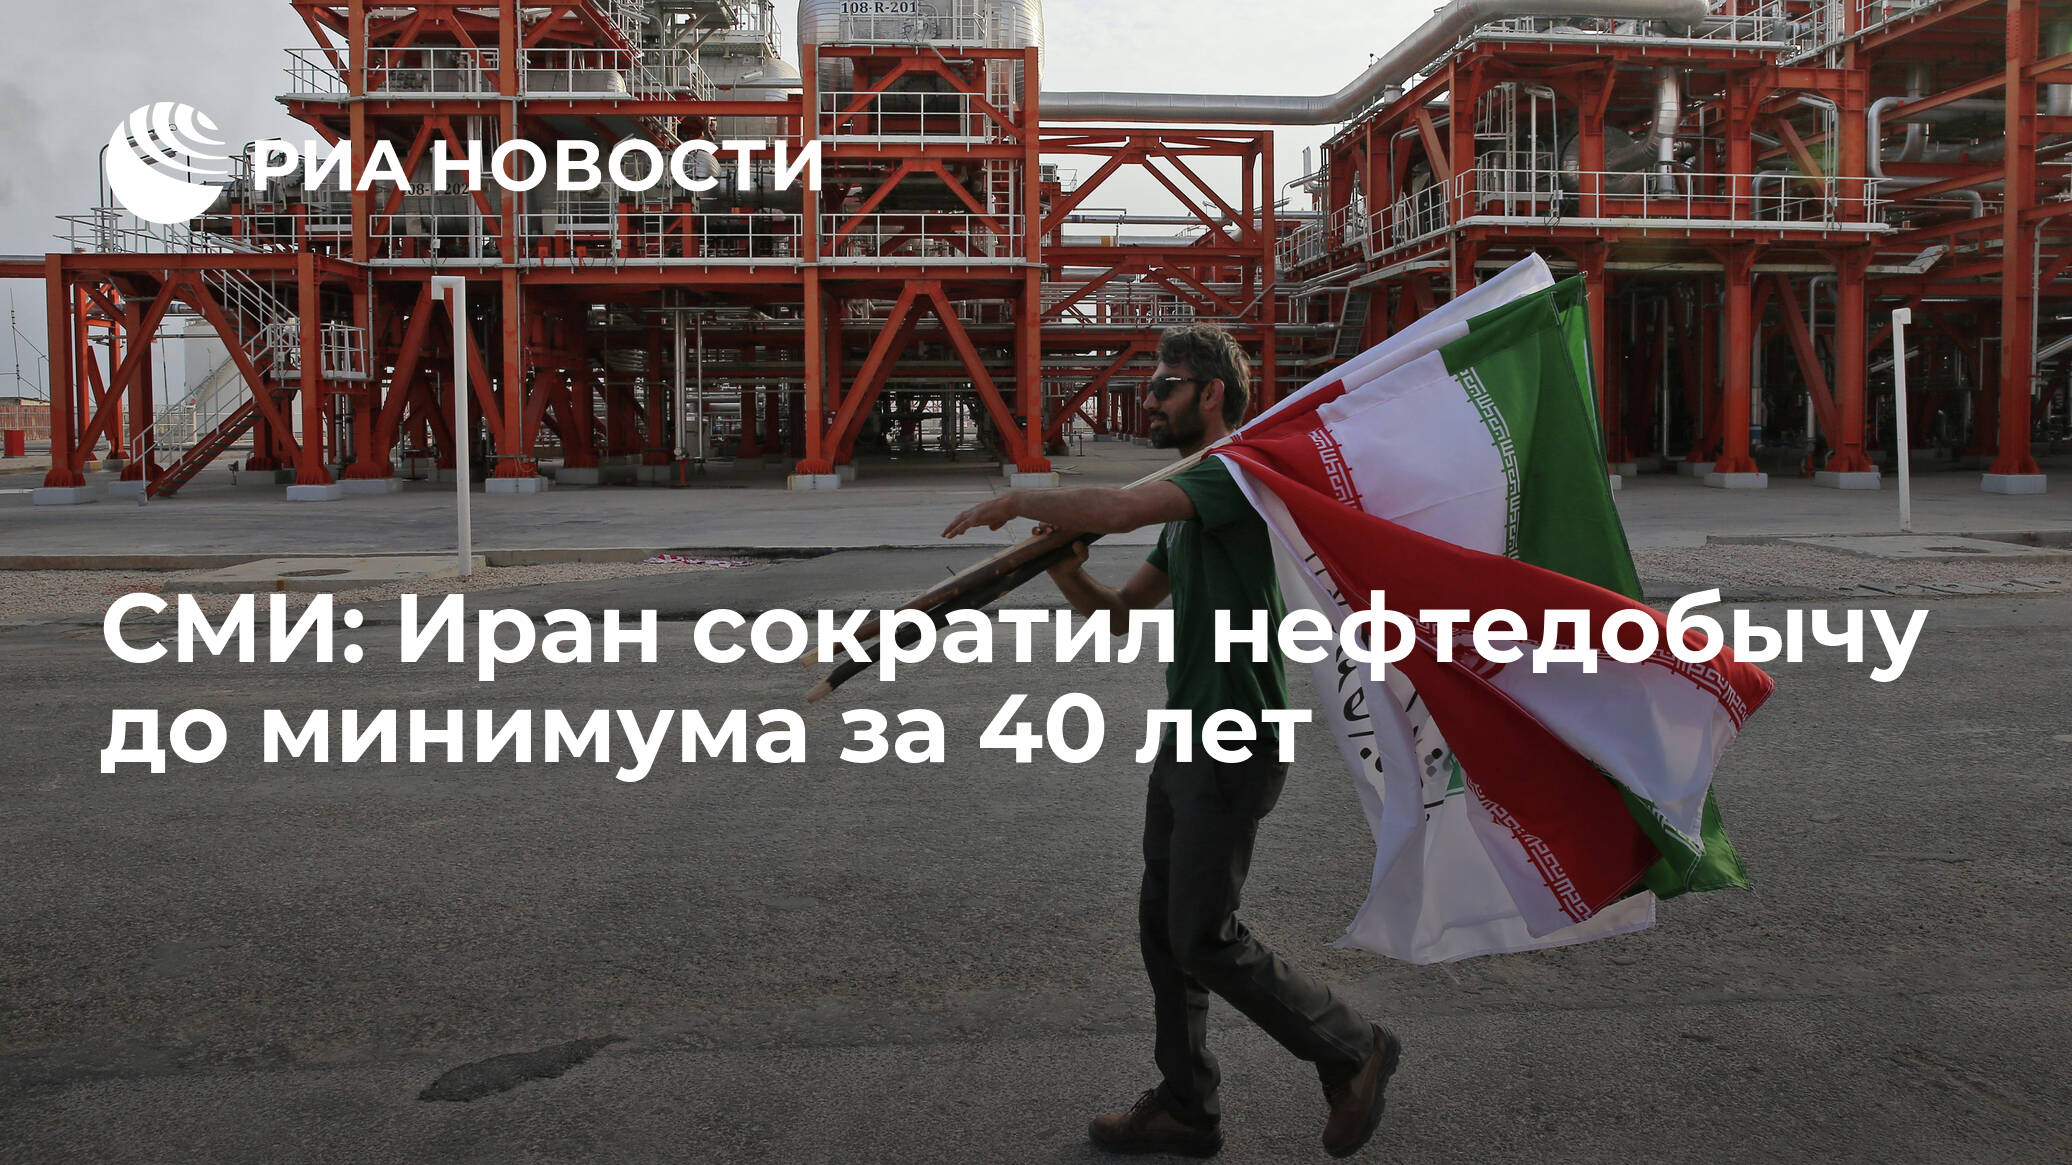 СМИ: Иран сократил нефтедобычу до минимума за 40 лет